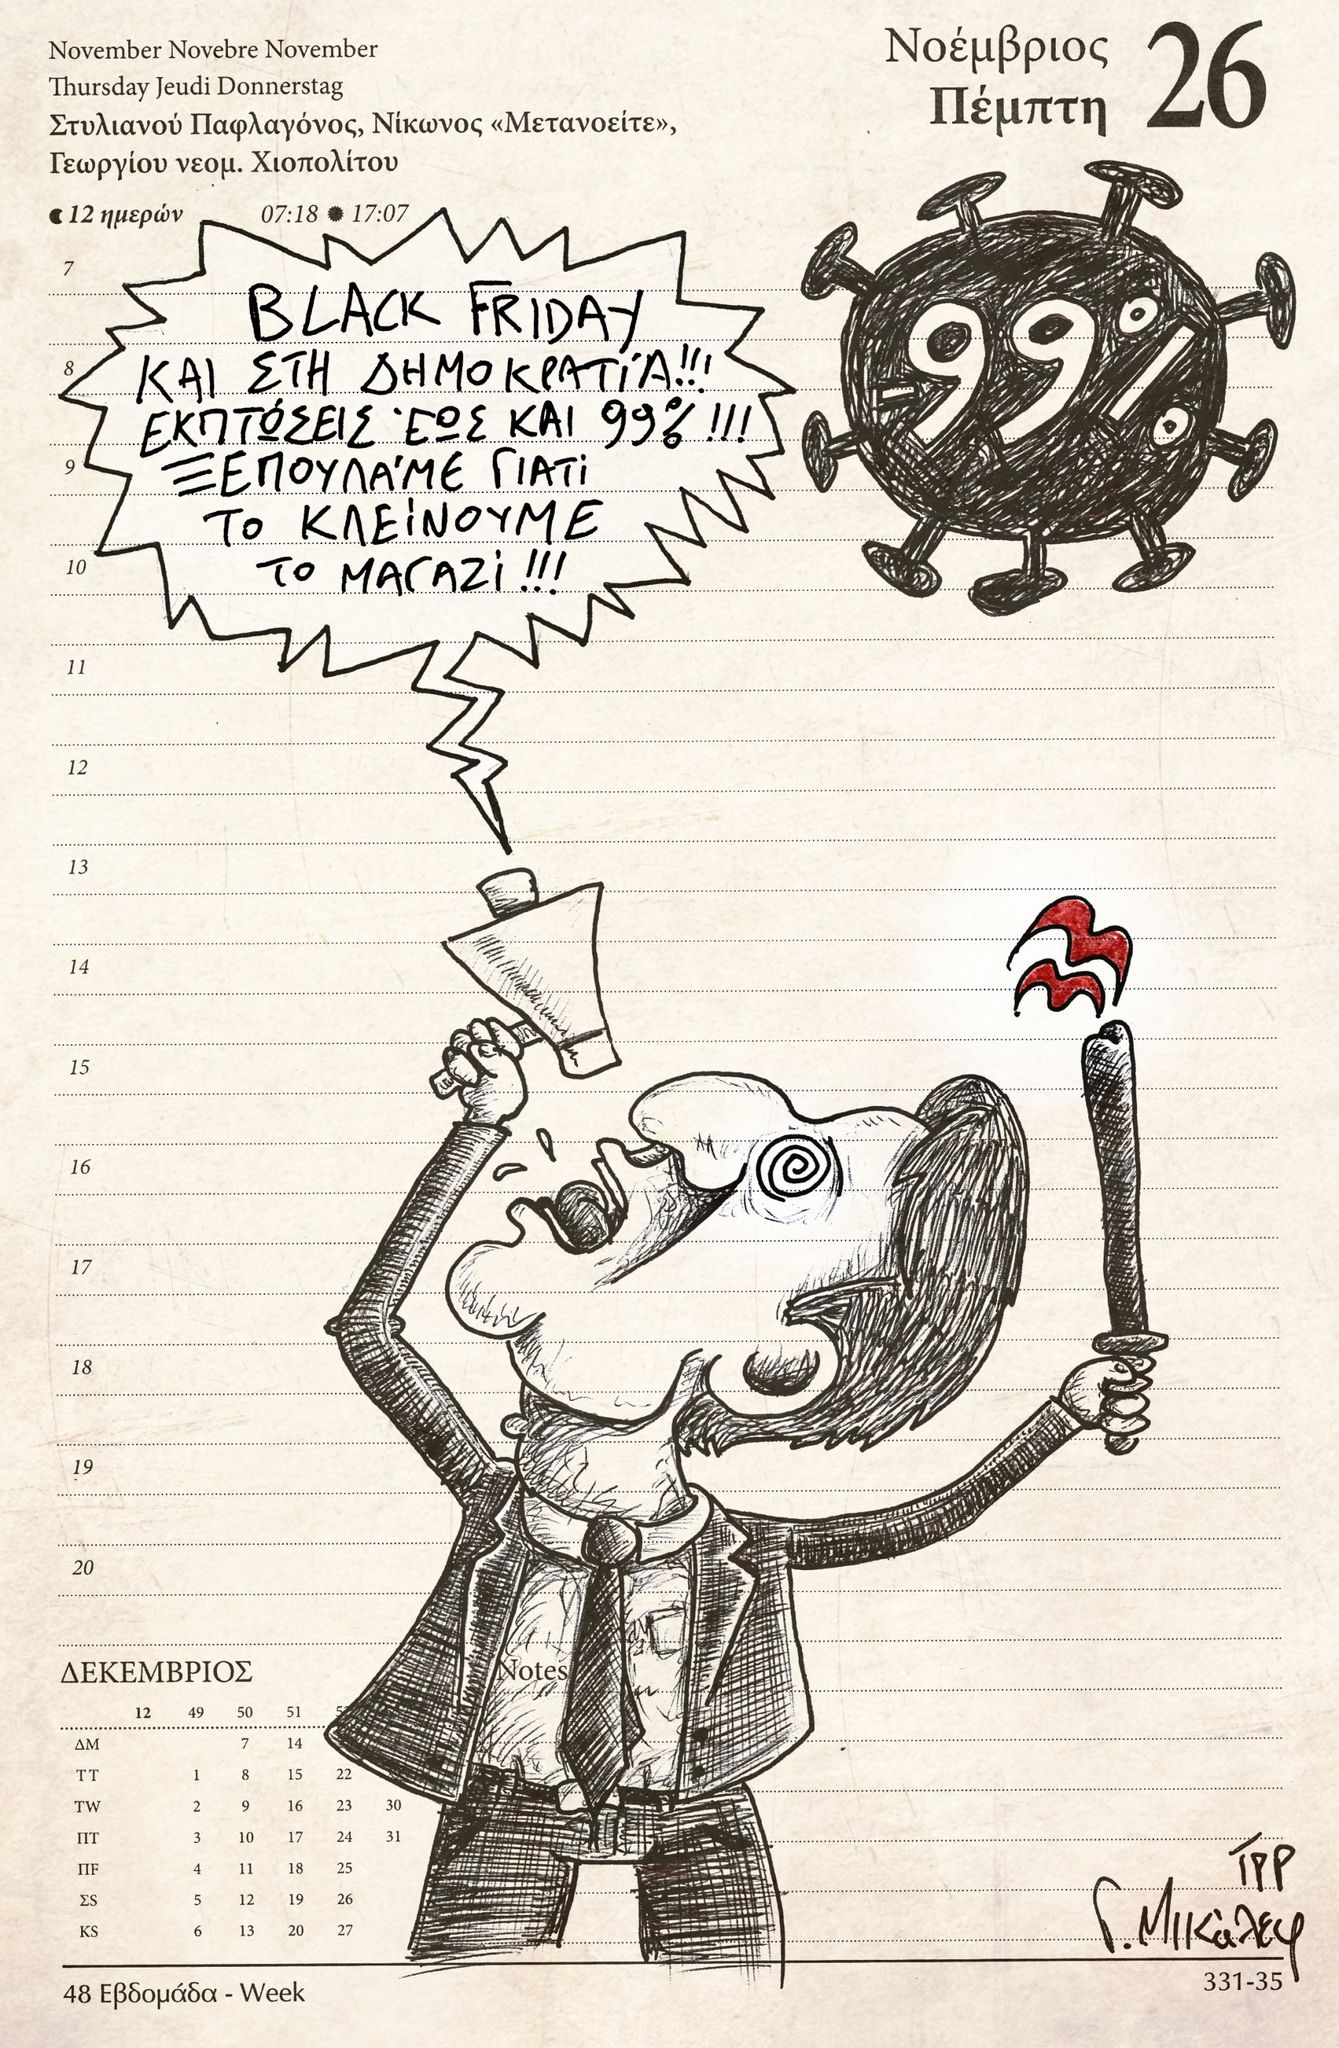 Ημερολόγιο 26ης Νοεμβρίου 2020